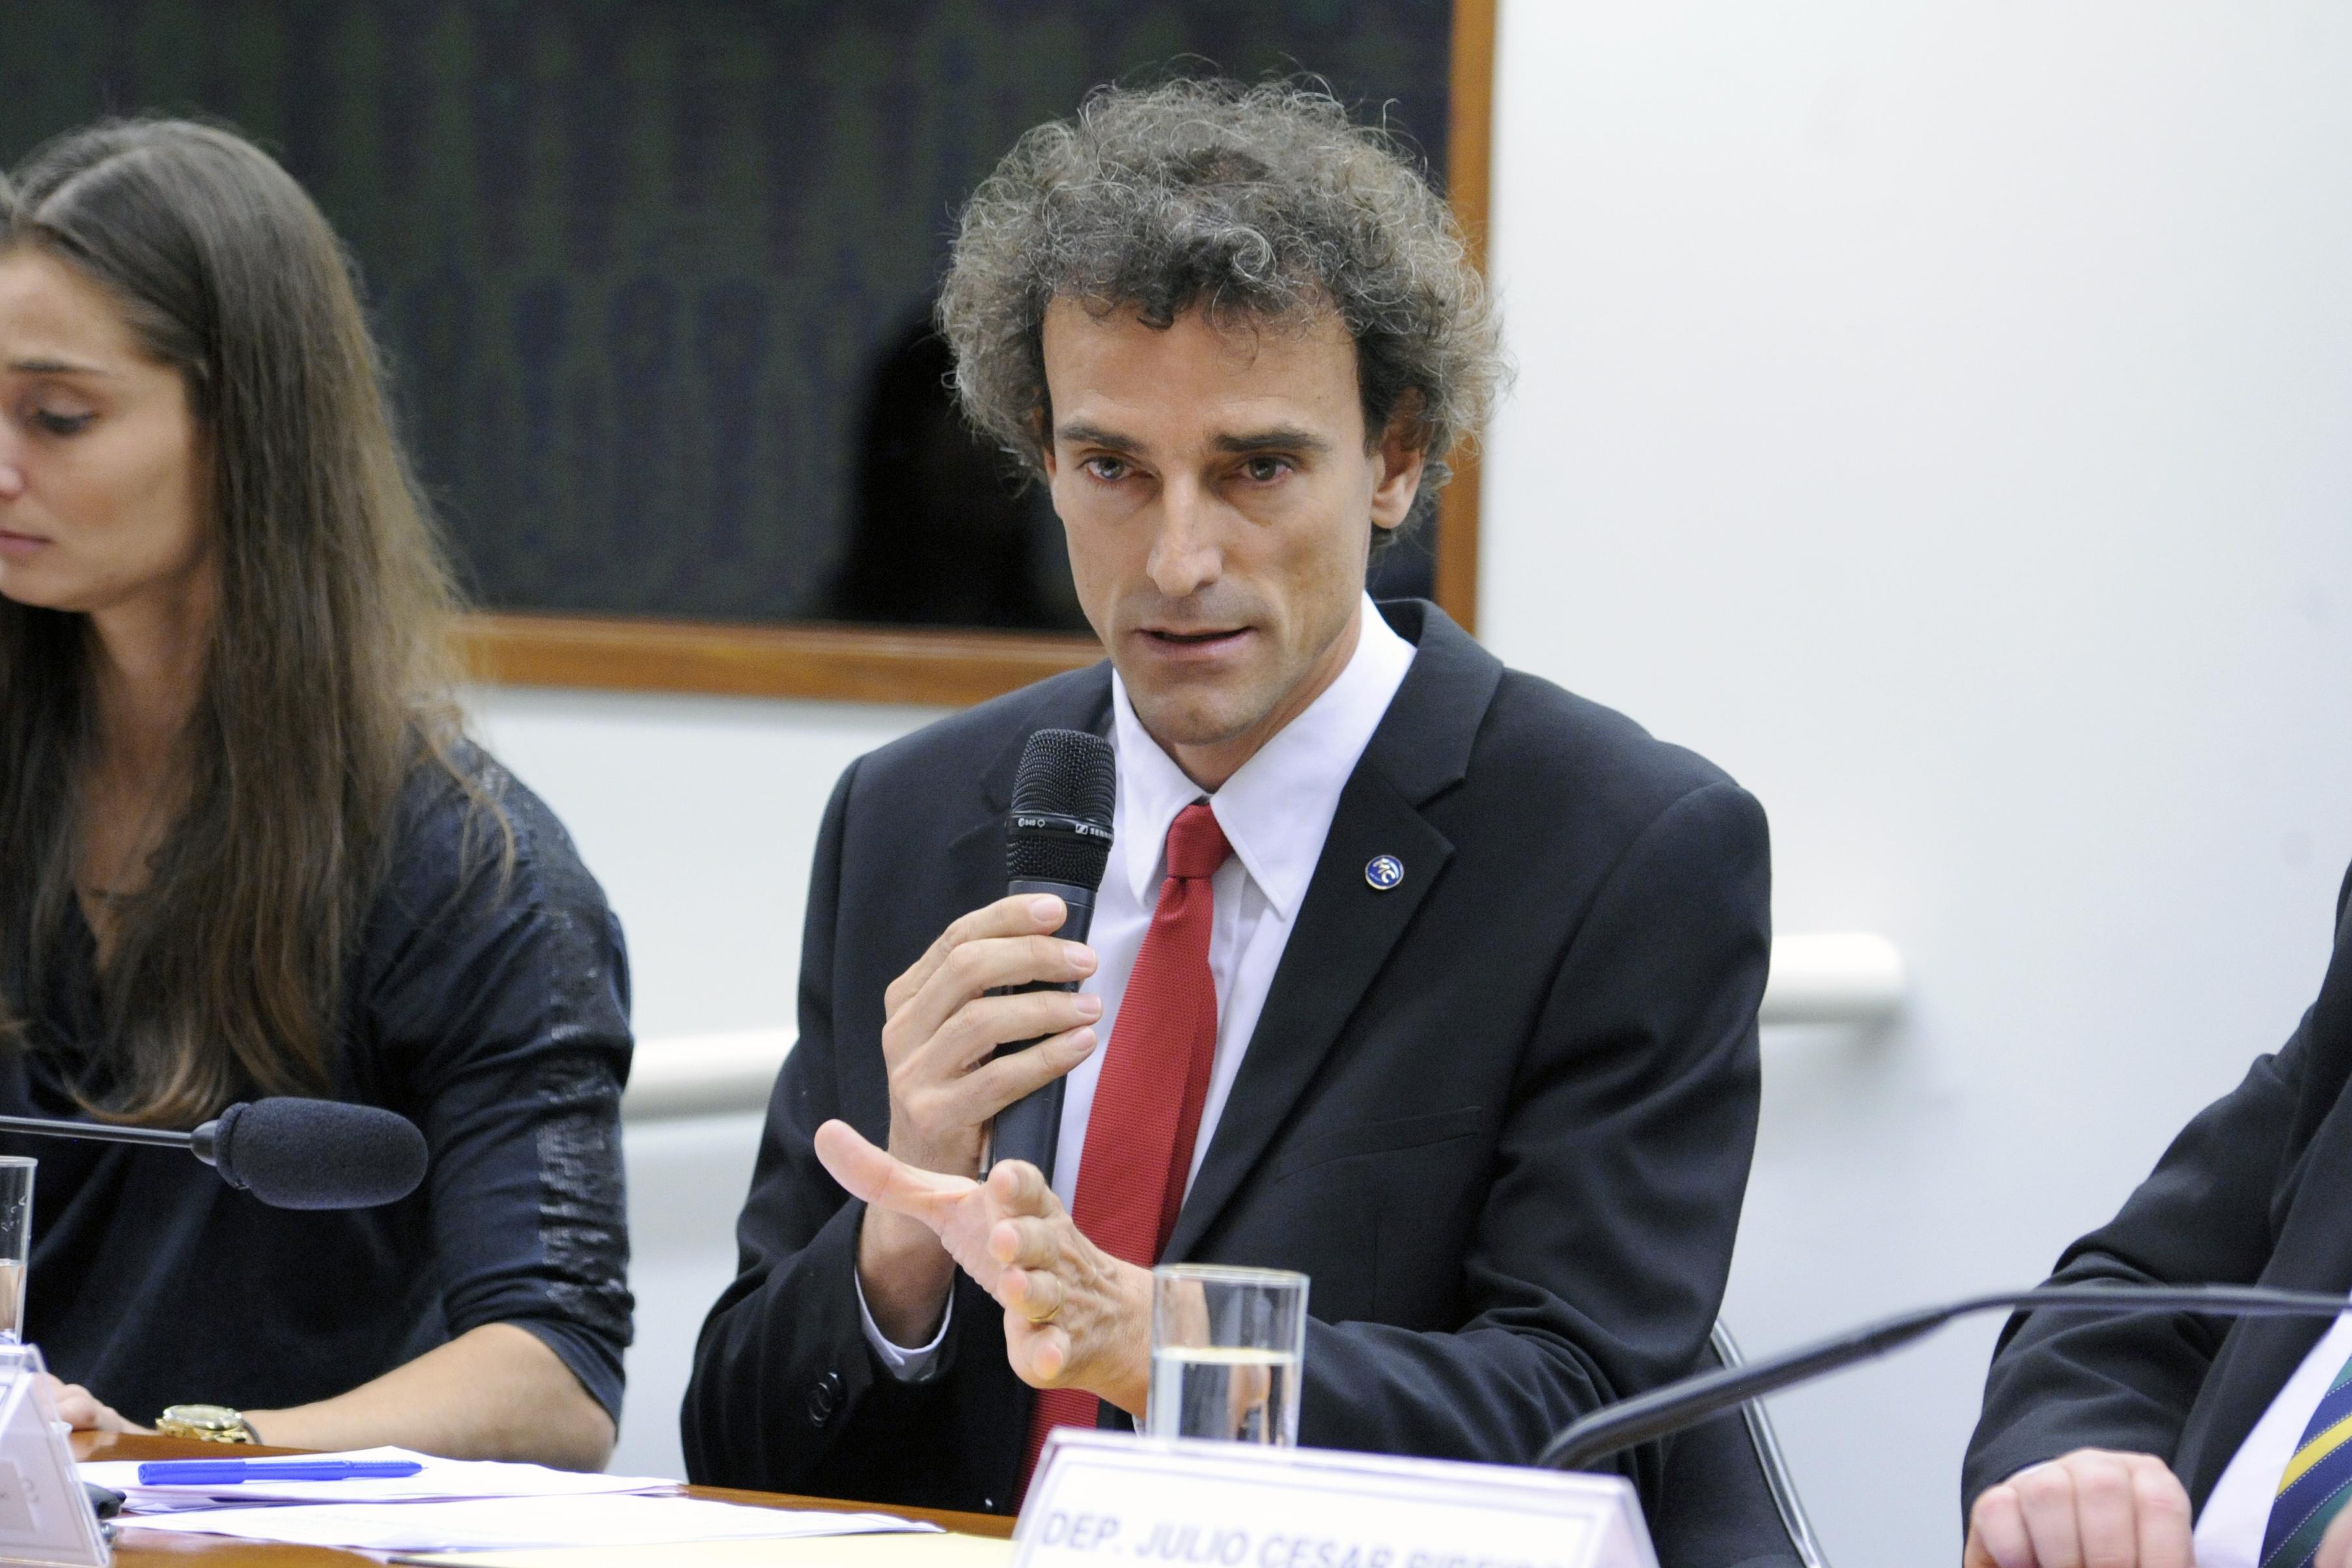 Audiência pública sobre o paradesporto e esportes paralímpicos. Secretaria Especial do Esporte, Emanuel Rego